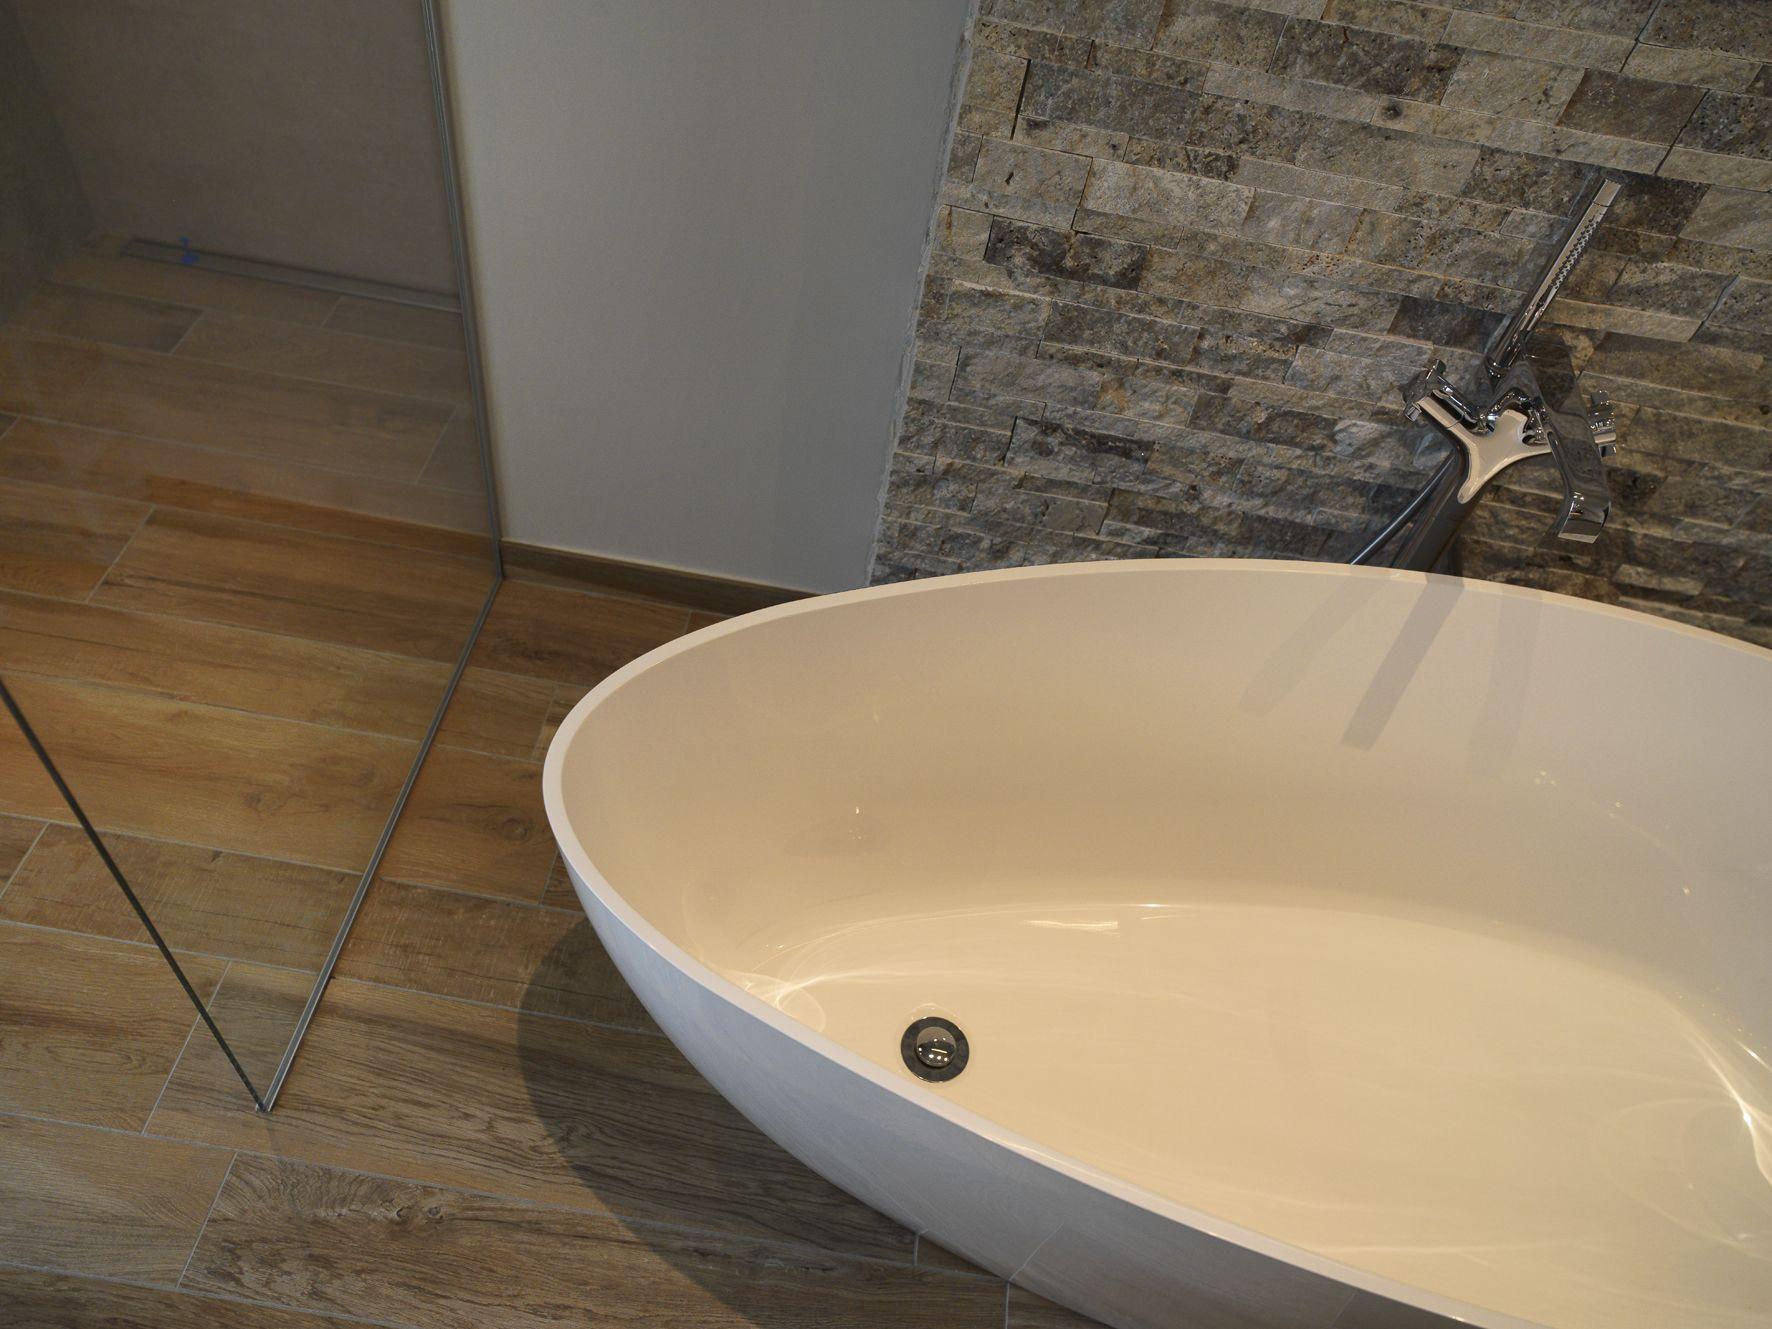 badkamerafwerking denzo badkamer sfeerbeelden pinterest